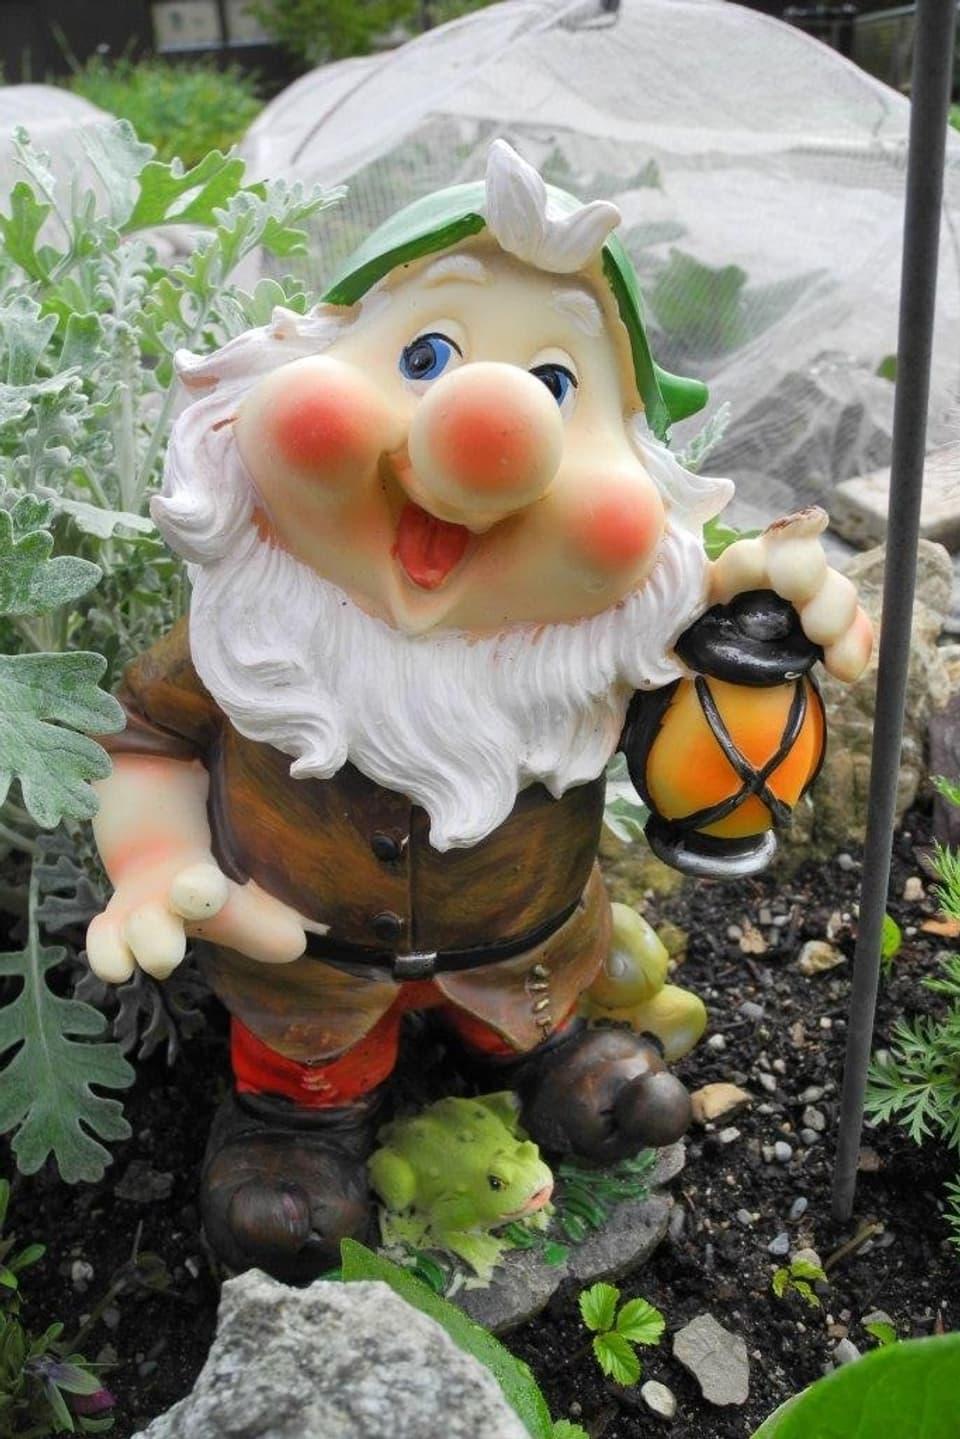 Nahaufnahme eines Gartenzwerges mit roter Nase, roten Bäckchen, weit geöffnetem Mund, himmelblauen Augen, wallendem, weissem Bart, grüner Zipfelmütze, Lederwams, roten Hosen sowie einer Laterne in der Hand. Zu seinen Füssen sitzt ein grüner Frosch.